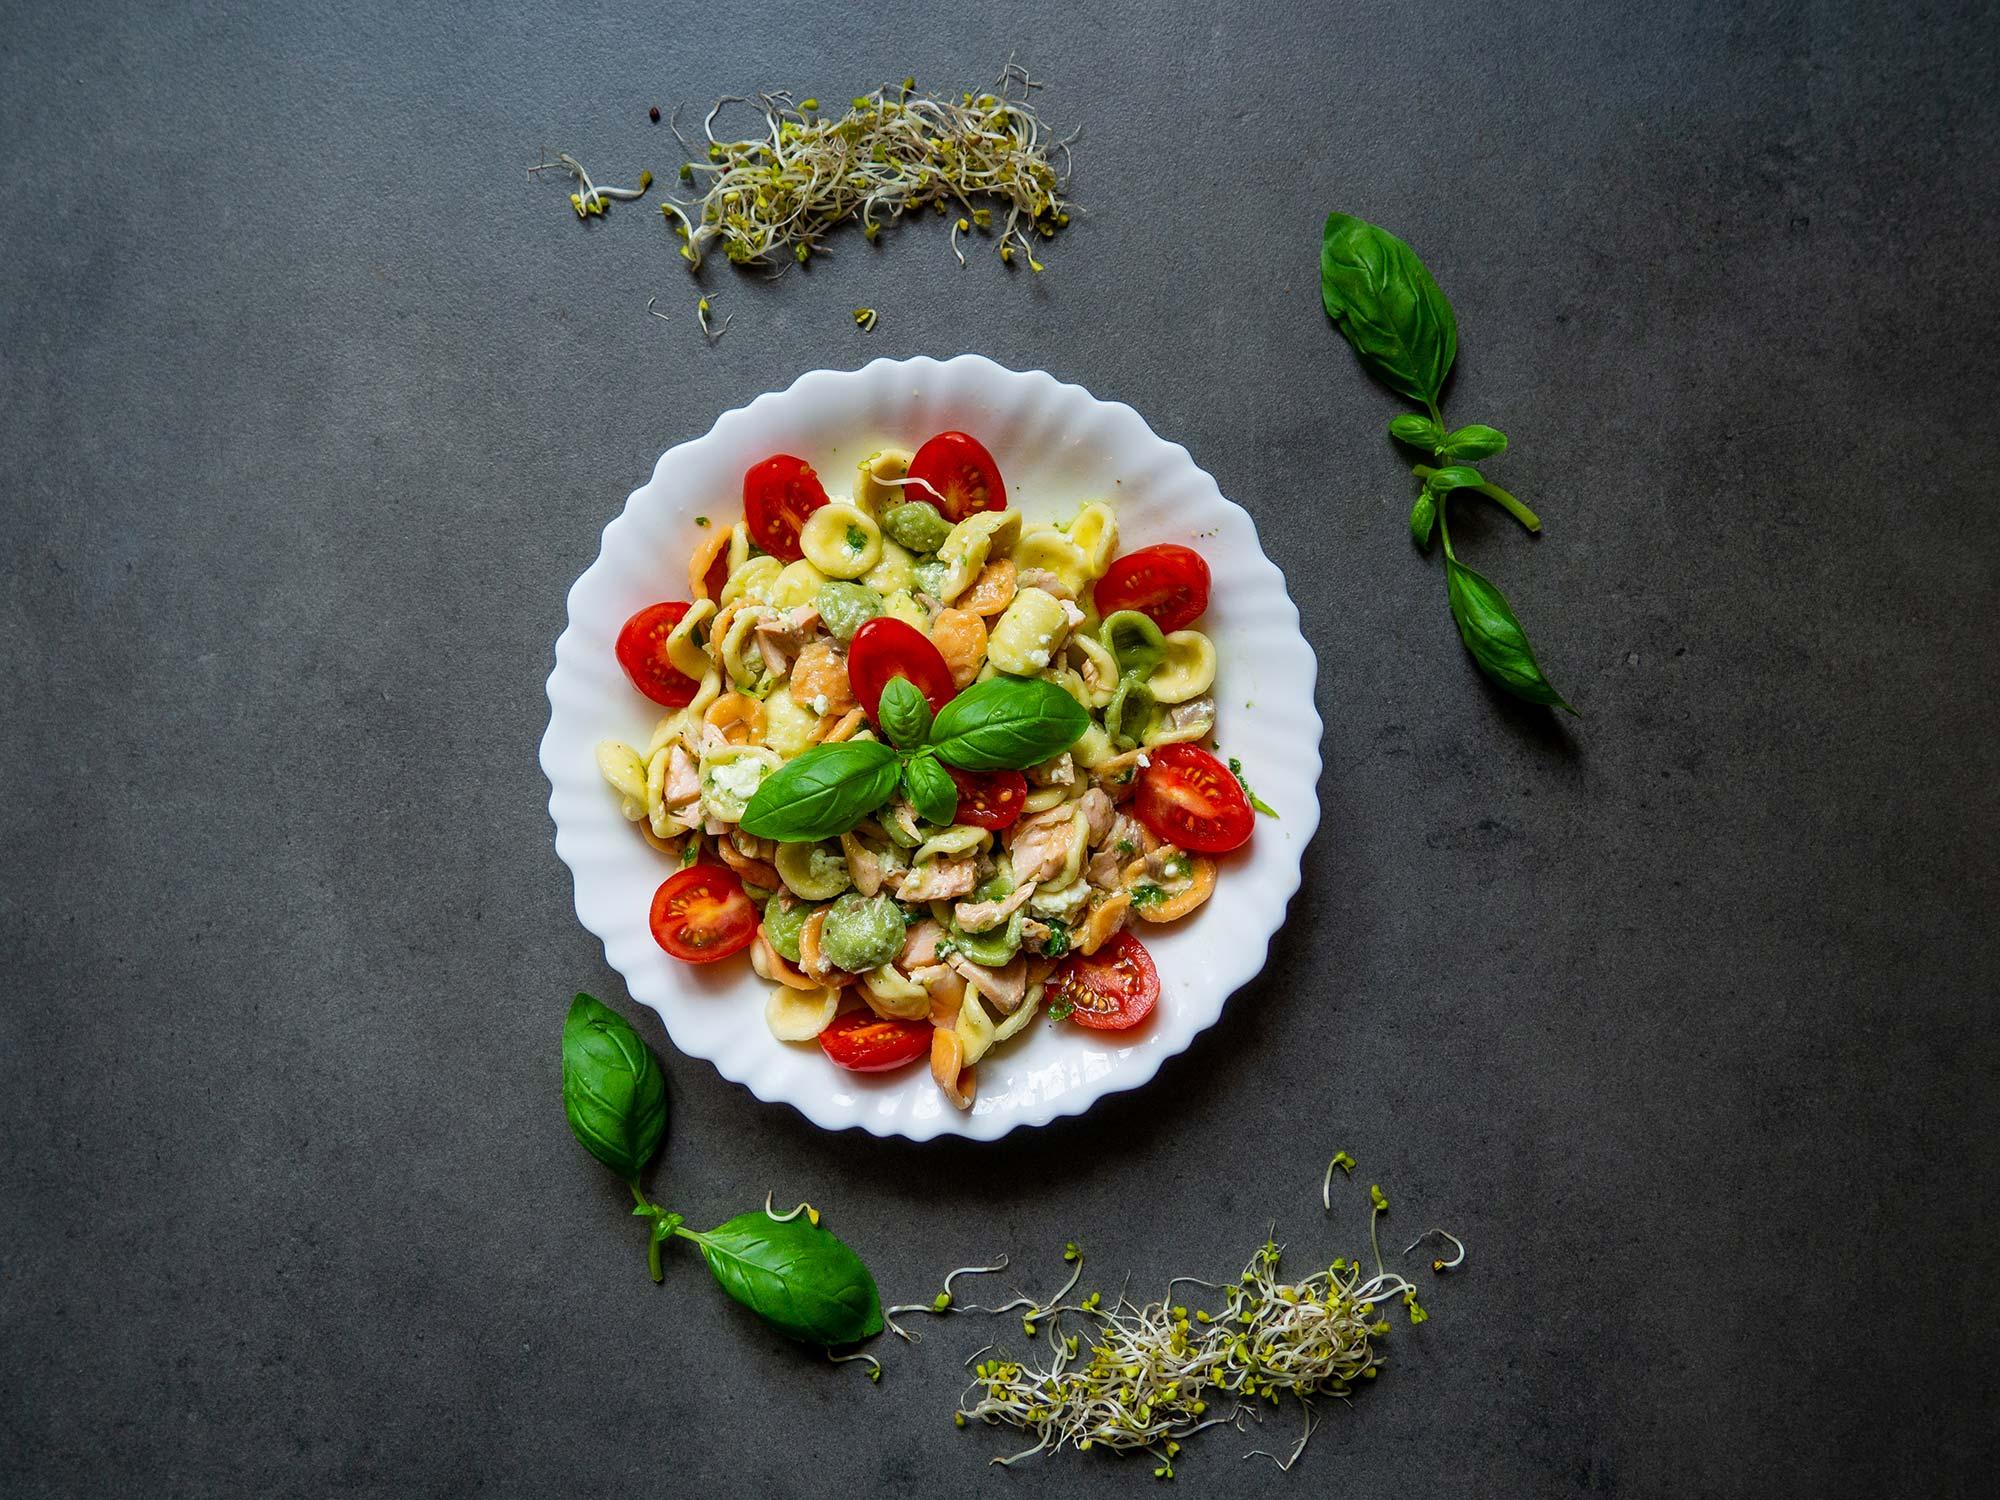 Pesto with basil pesto ready to eat